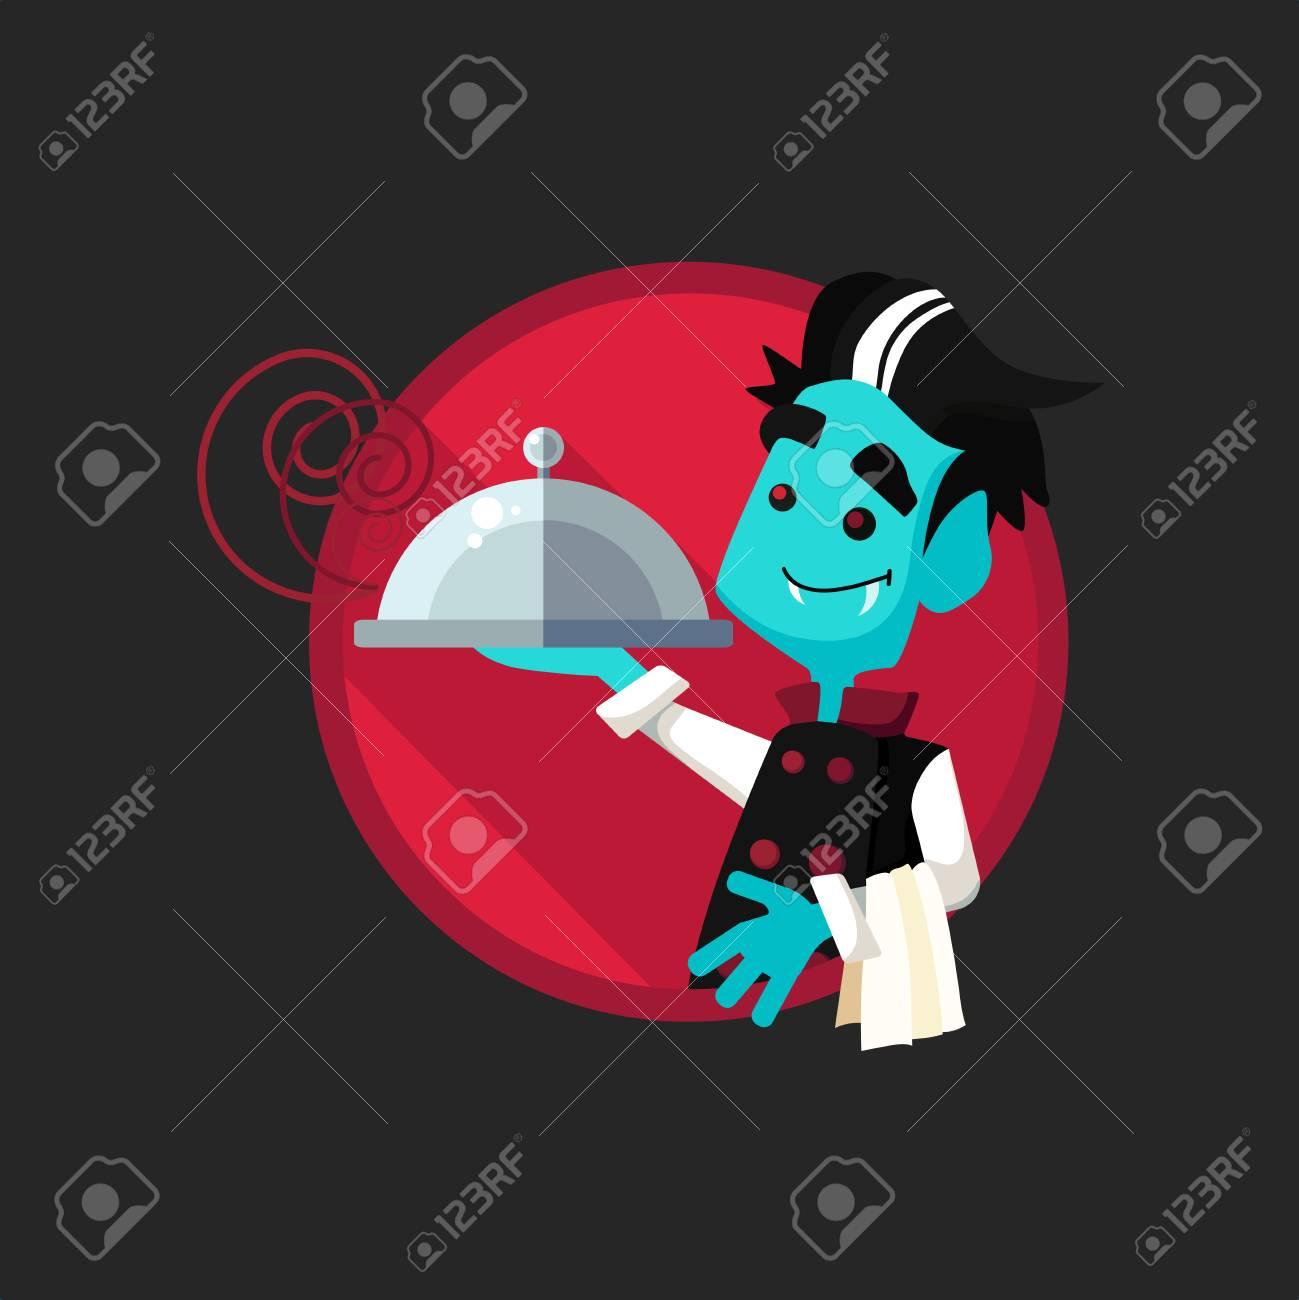 Round Plat Icone Vecteur Avec Vampire Cuisinier Et Ustensiles De